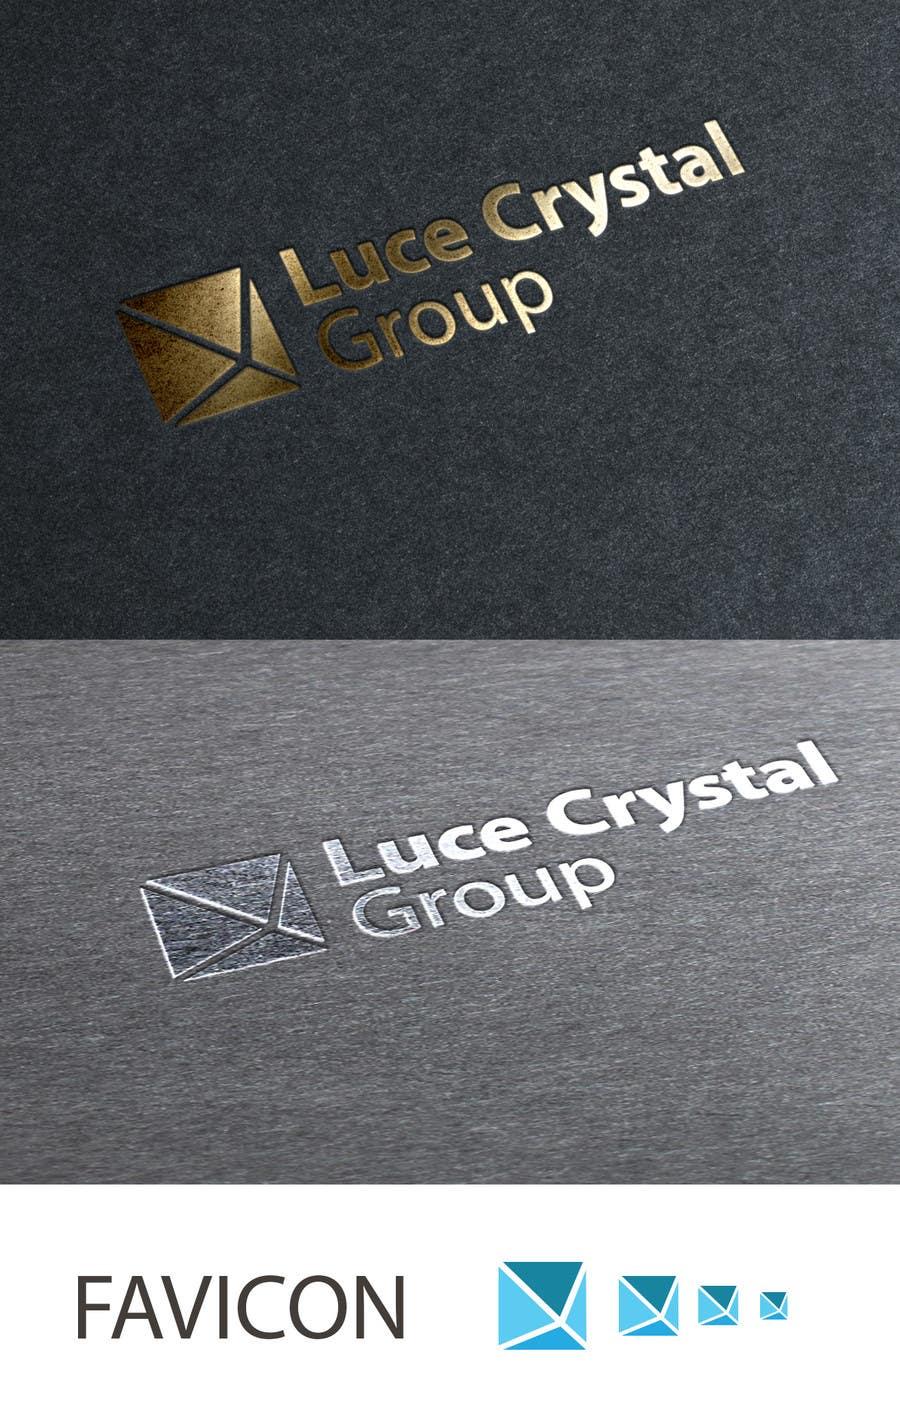 Penyertaan Peraduan #                                        42                                      untuk                                         Logo for website and business cards